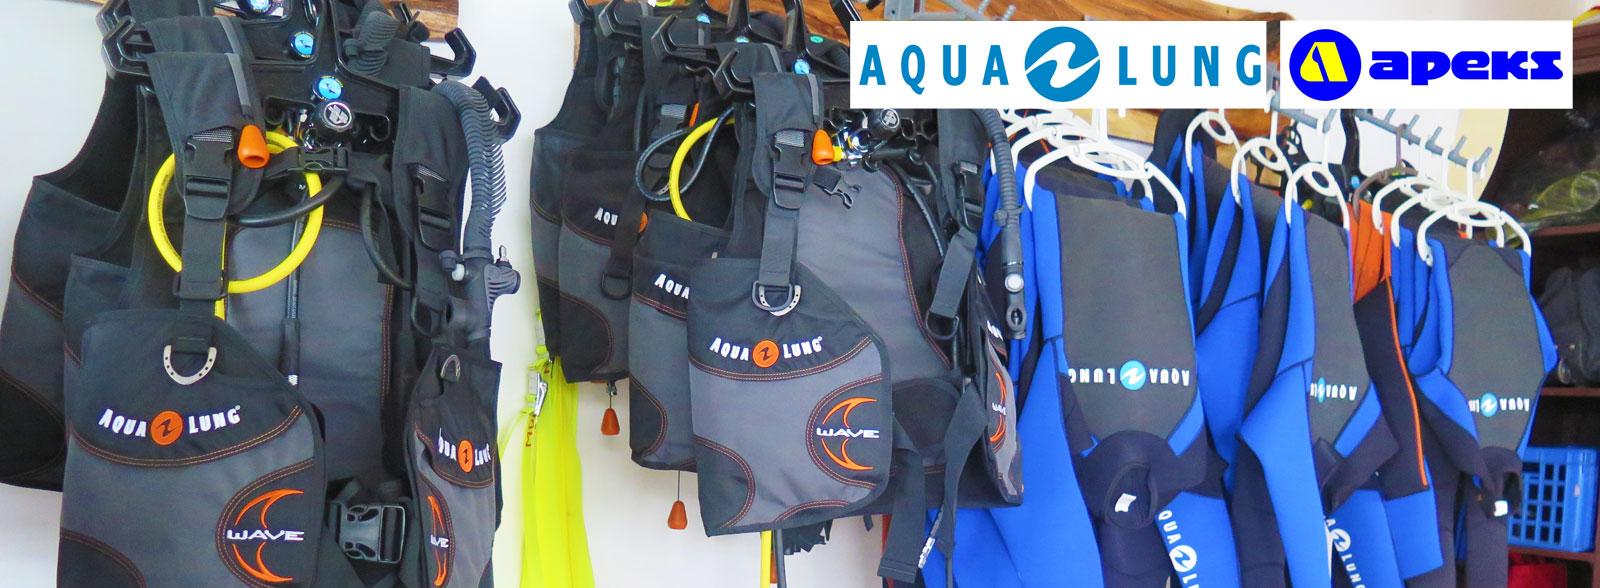 aqualung apeks scuba diving equipment